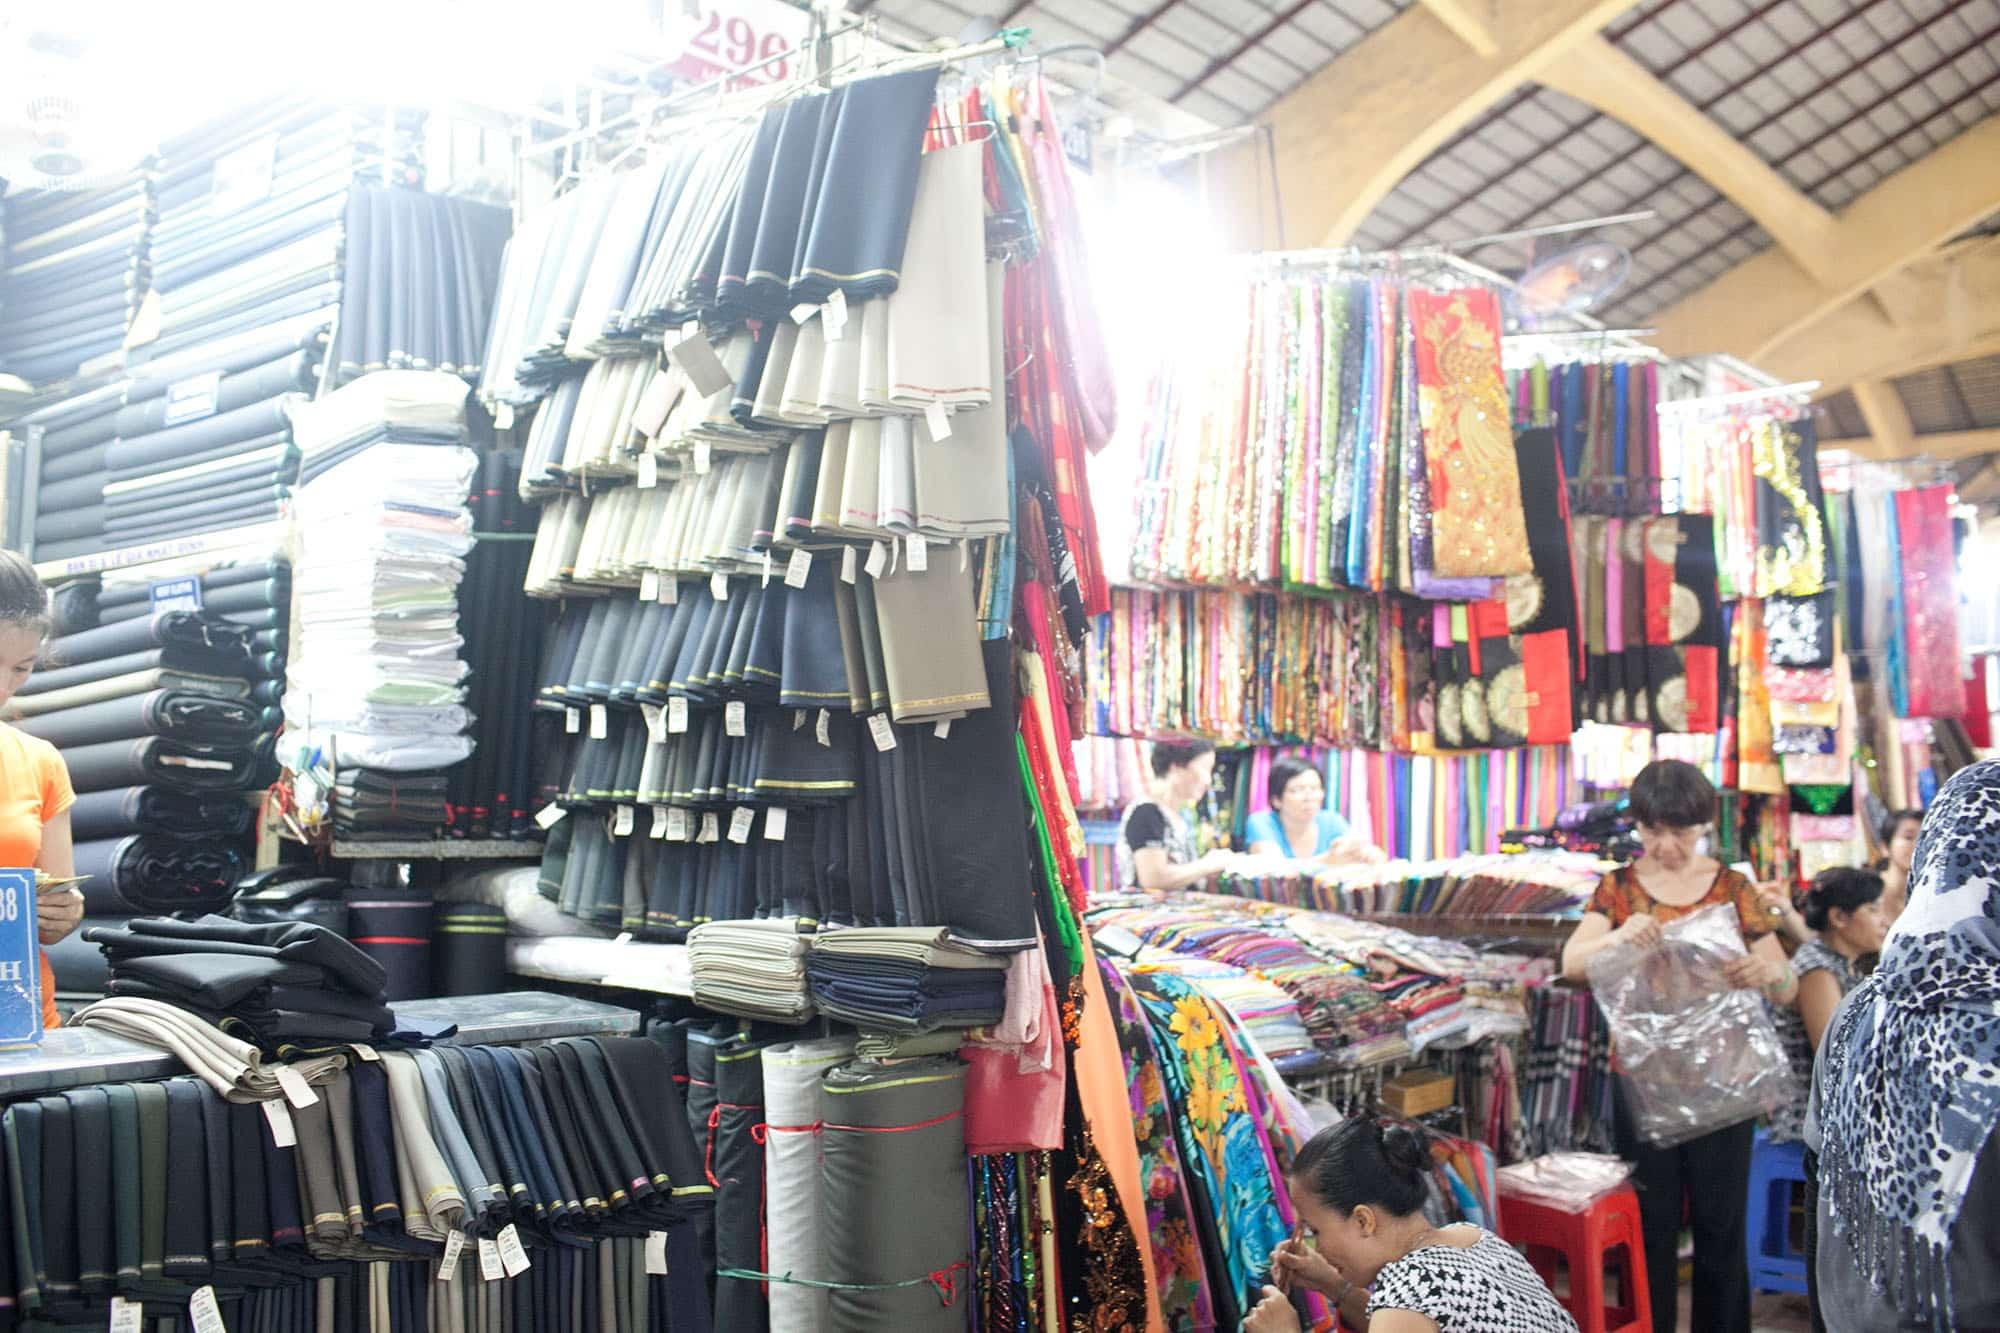 Market in Ho Chi Minh City, Vietnam.